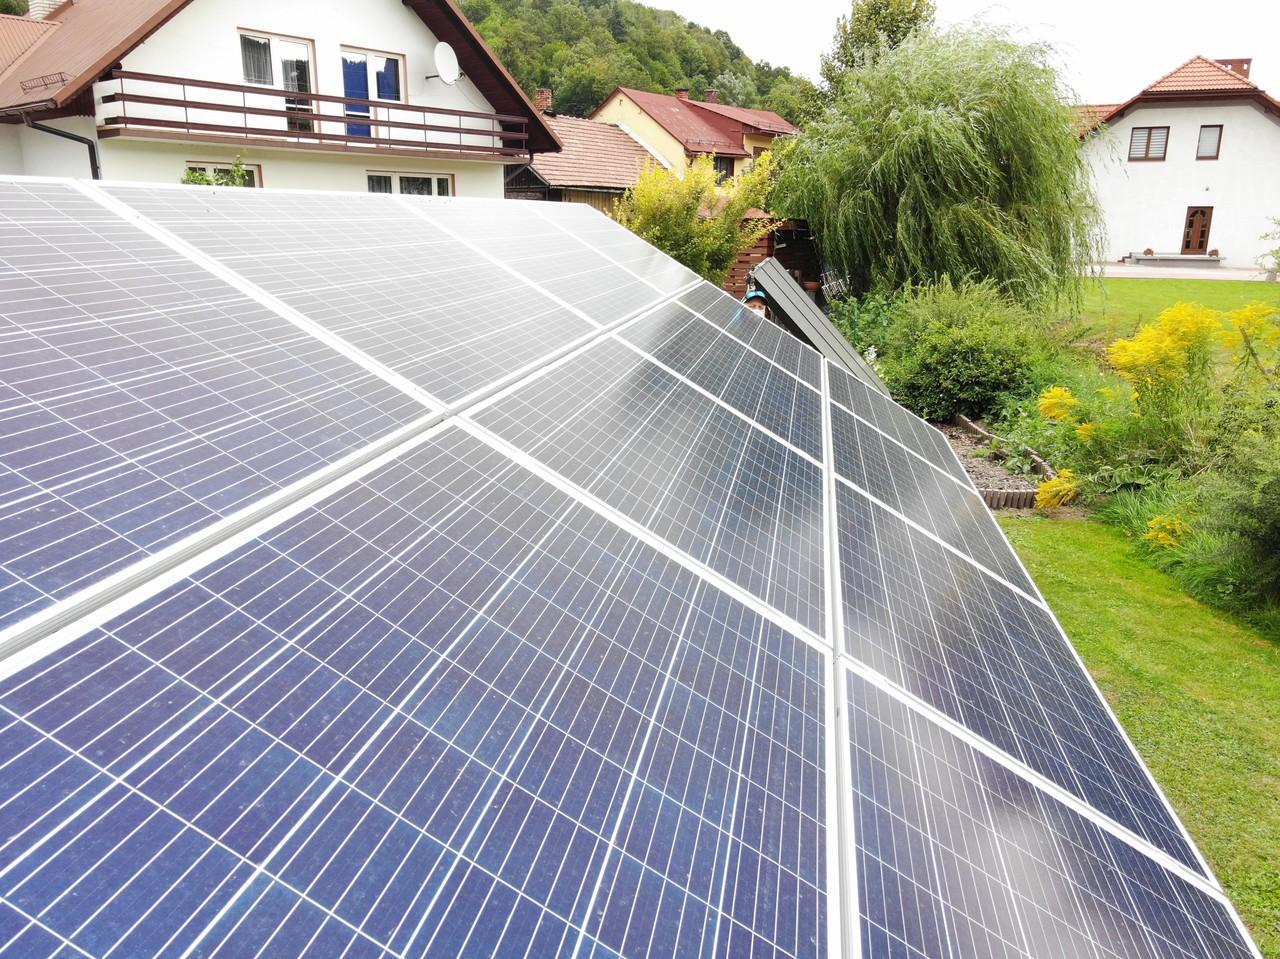 Rozliczenia energii po montażu instalacji